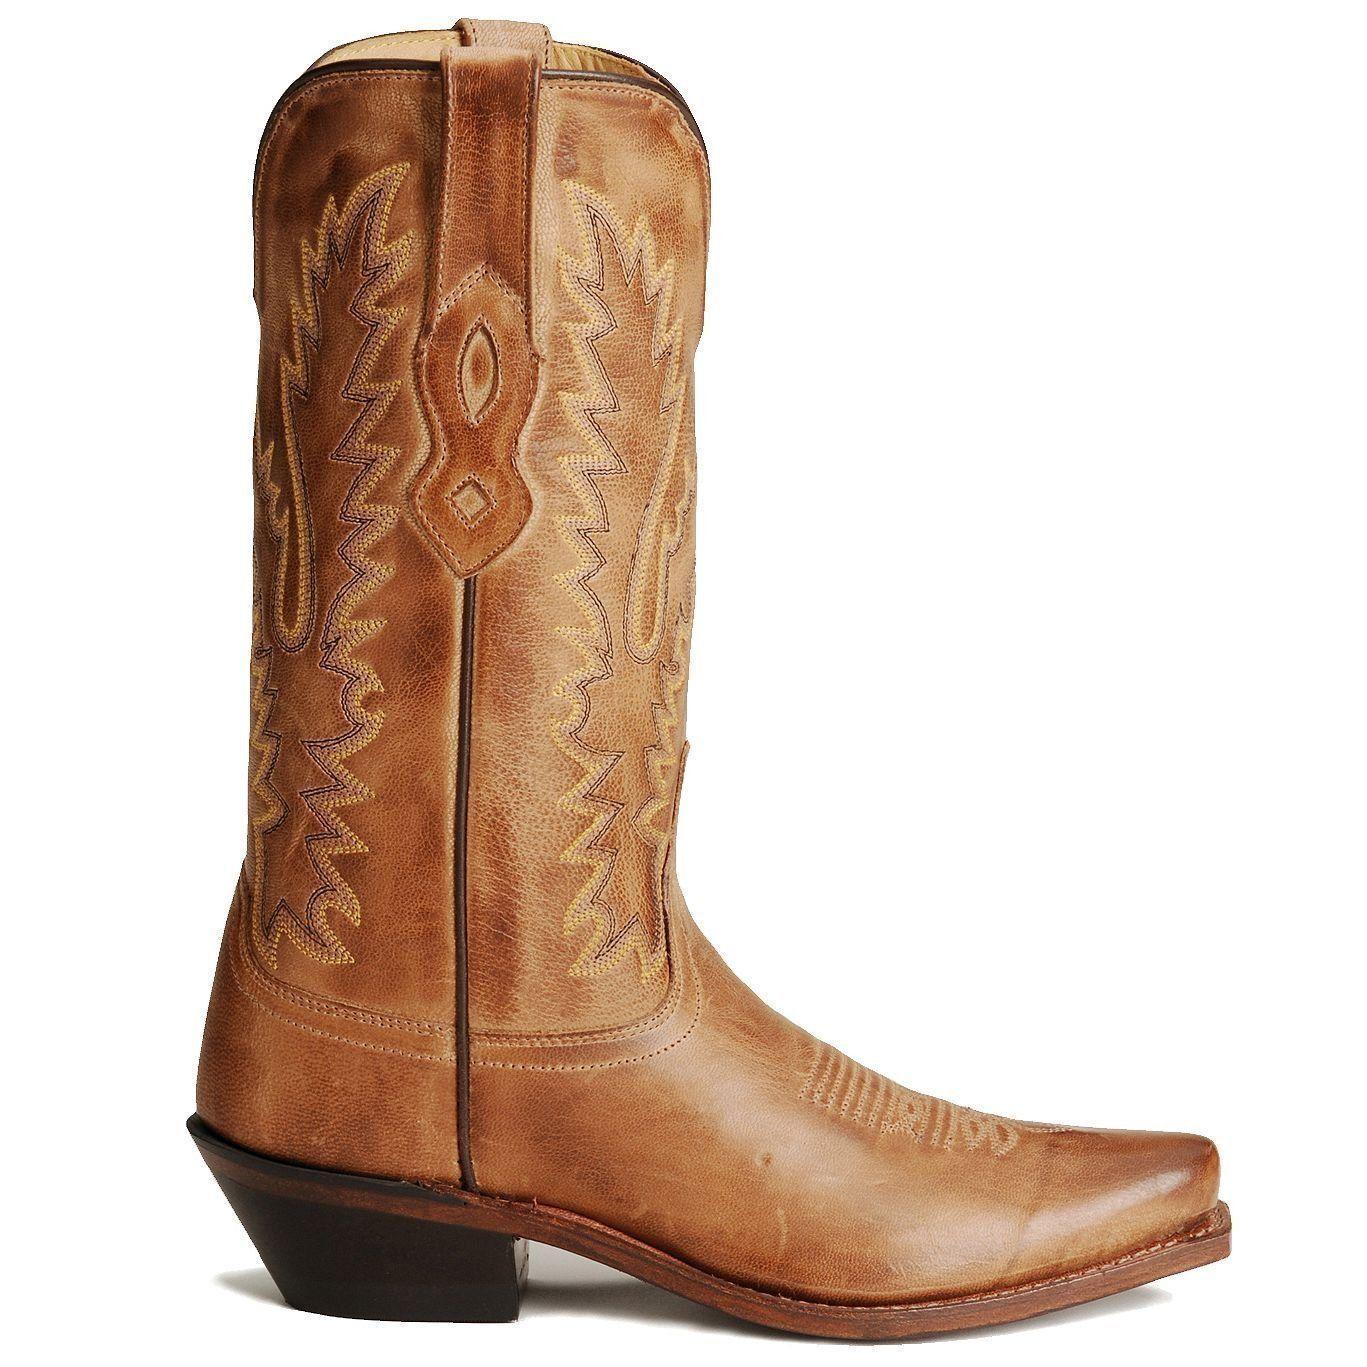 OLD WEST Stiefel LADIES DISTRESSED TAN COWBOY/COWGIRL WESTERN Stiefel WEST  LF1529 NIB 4102a0